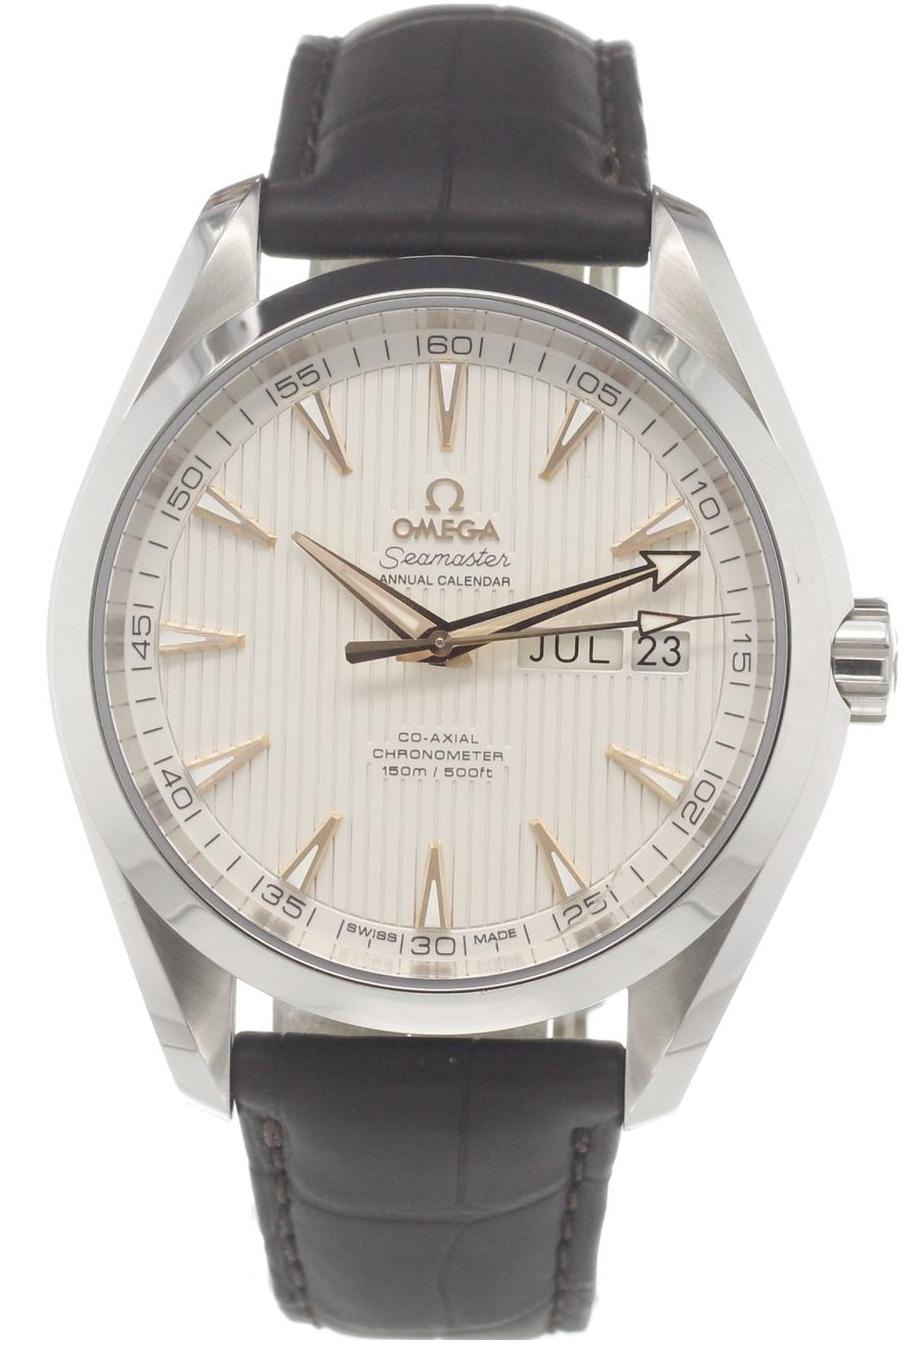 Omega Seamaster Aqua Terra 150m Co-Axial Annual Calendar 43mm - Omega